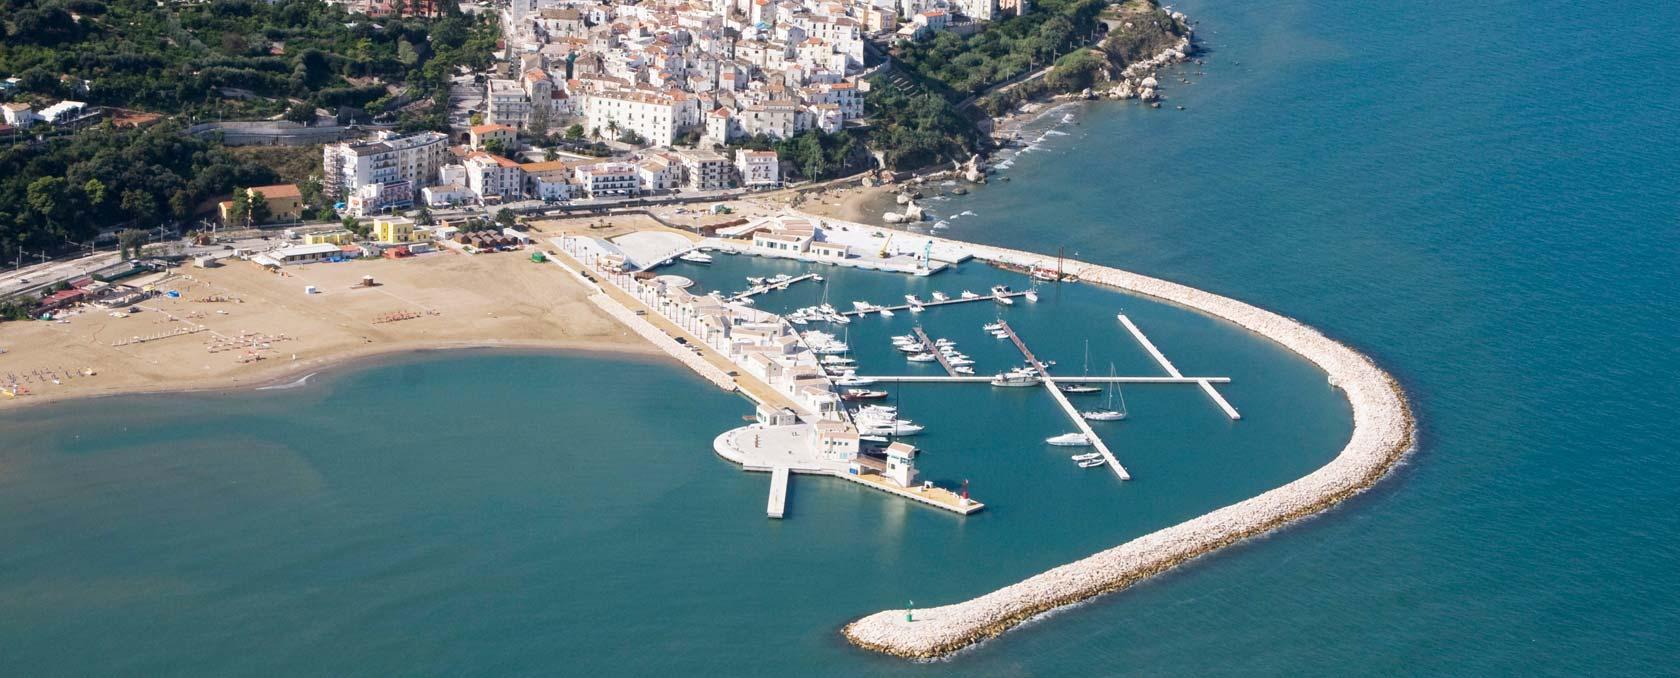 Offerte vacanze 10 agosto – 24 agosto in Puglia, nel Gargano a Rodi Garganico